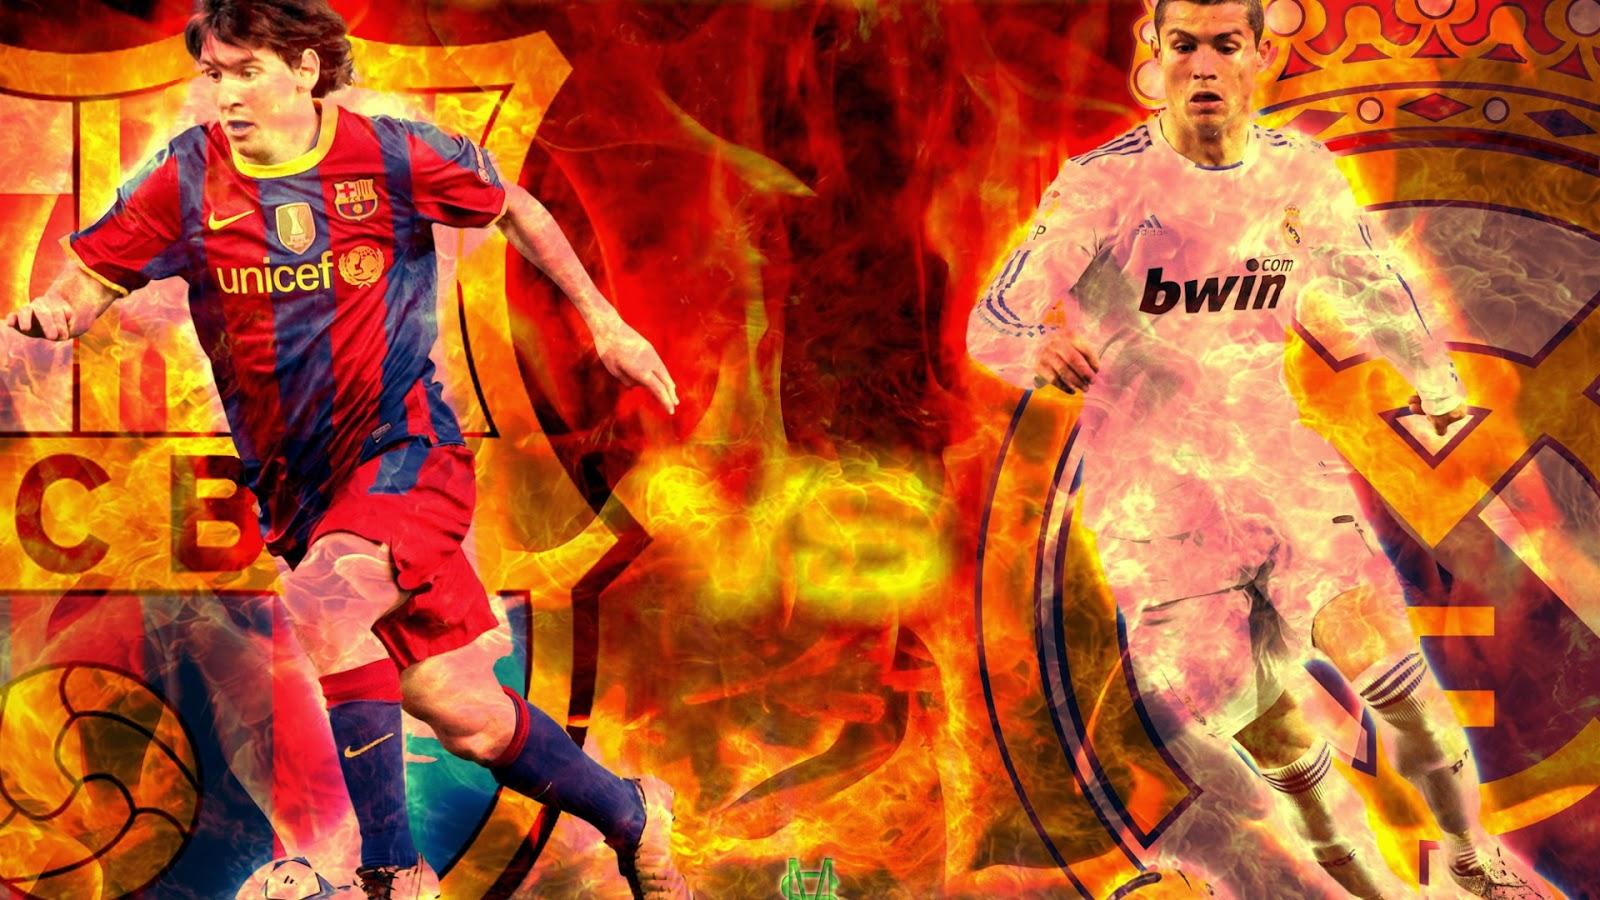 Ronaldo Vs Messi Wallpaper 2014 Cristiano Ronal...